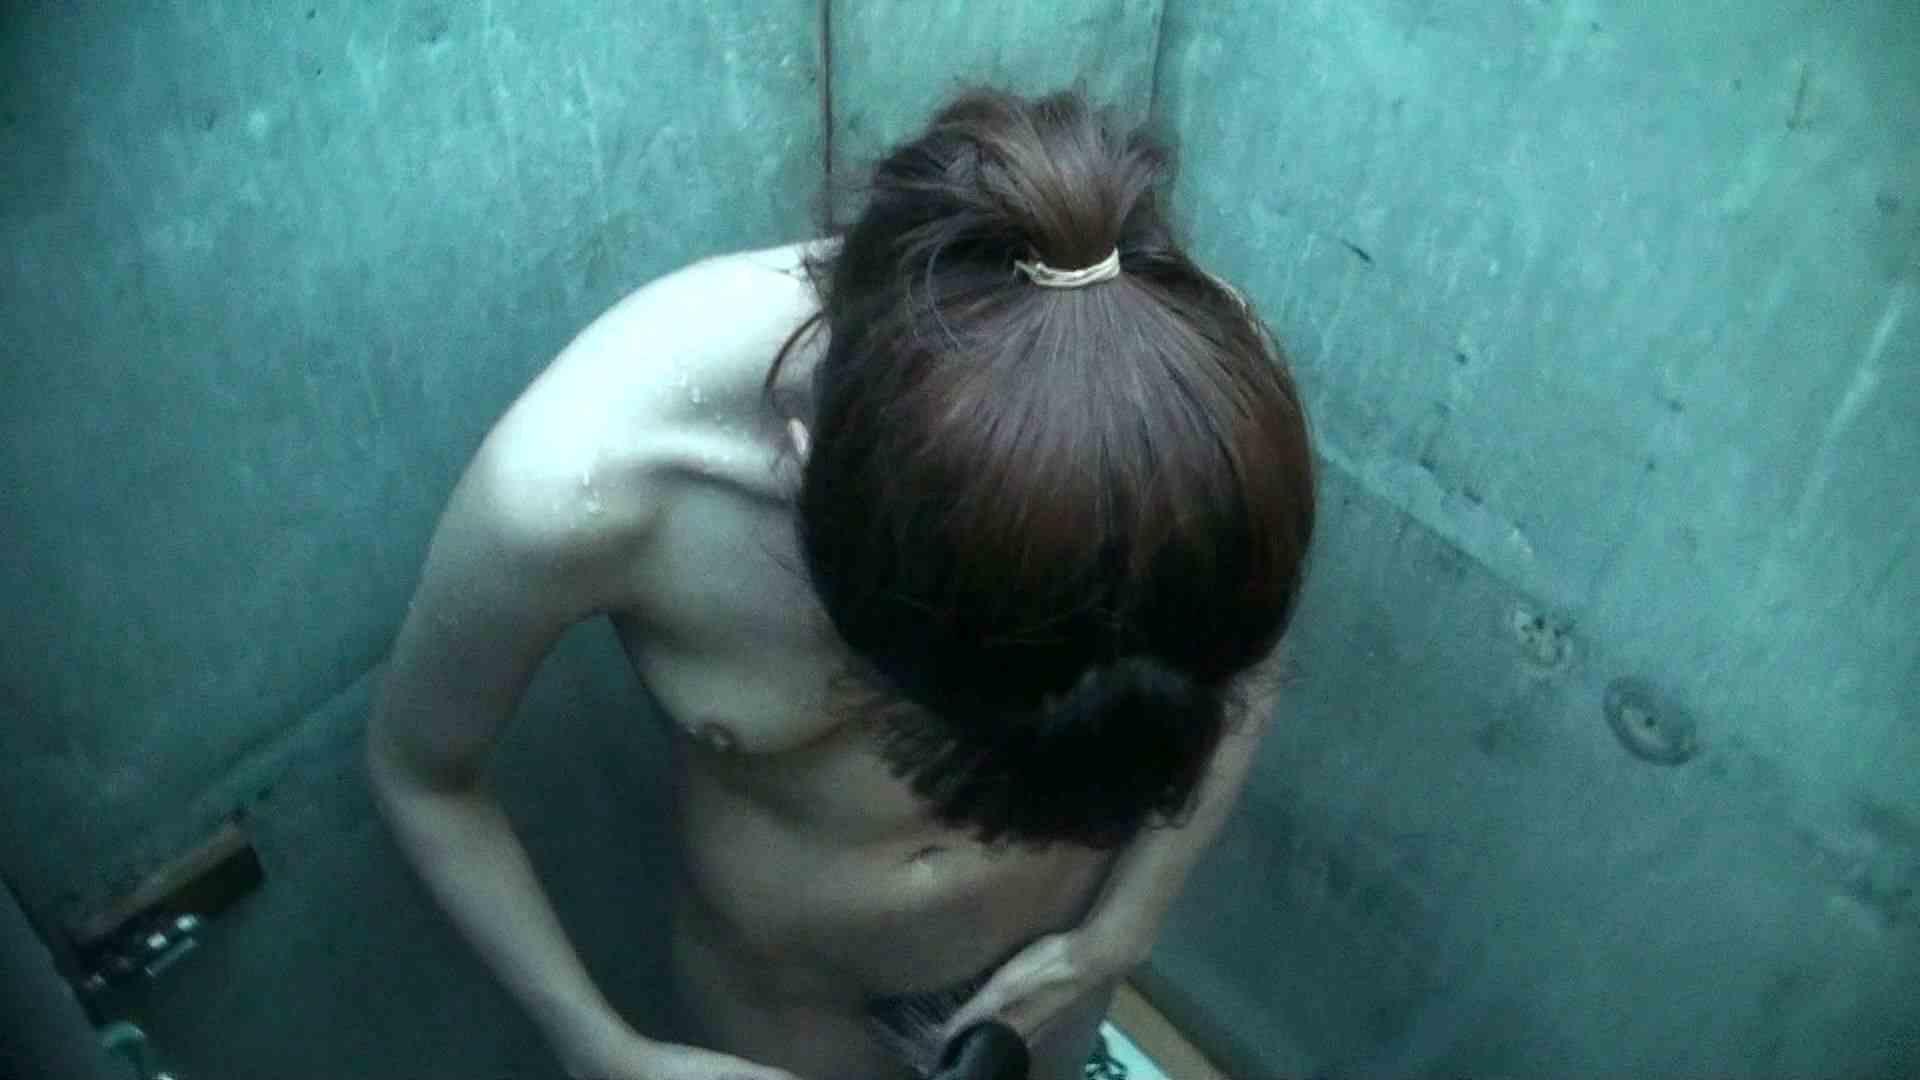 シャワールームは超!!危険な香りVol.30 甘栗剥いちゃいました シャワー AV動画キャプチャ 46連発 14